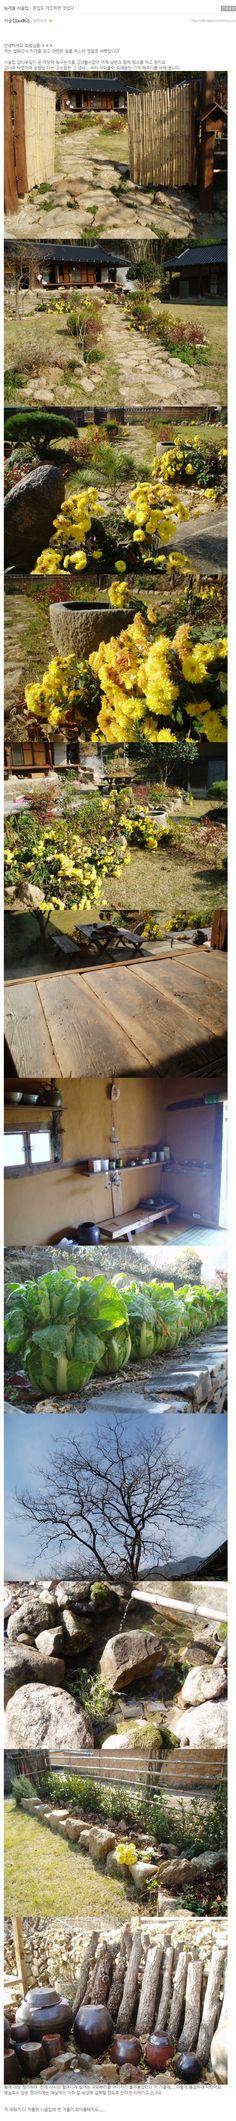 [헌집도 개조하면 멋있다] 늦가을 시골집  [출처: http://cafe.naver.com/kimyoooo]